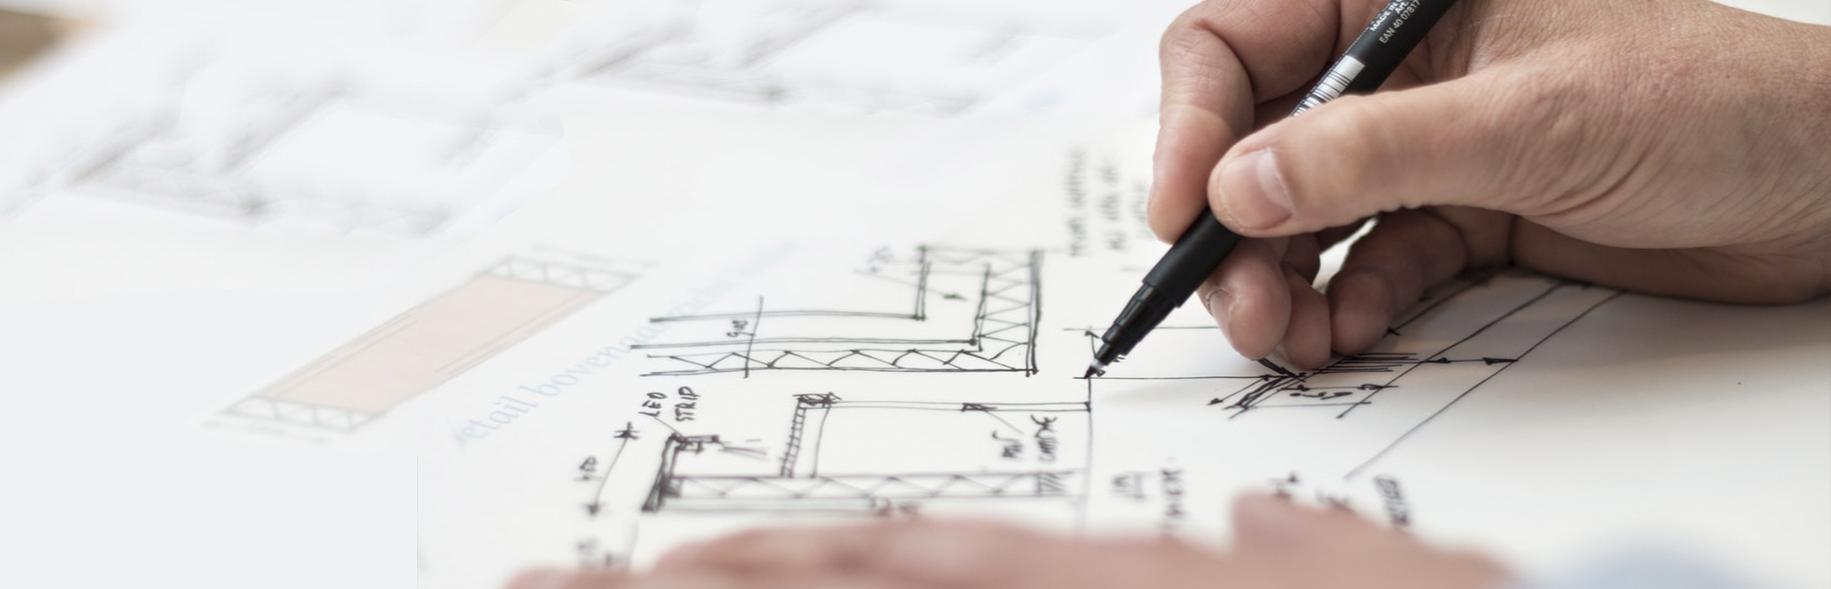 Quand recourir à un architecte?